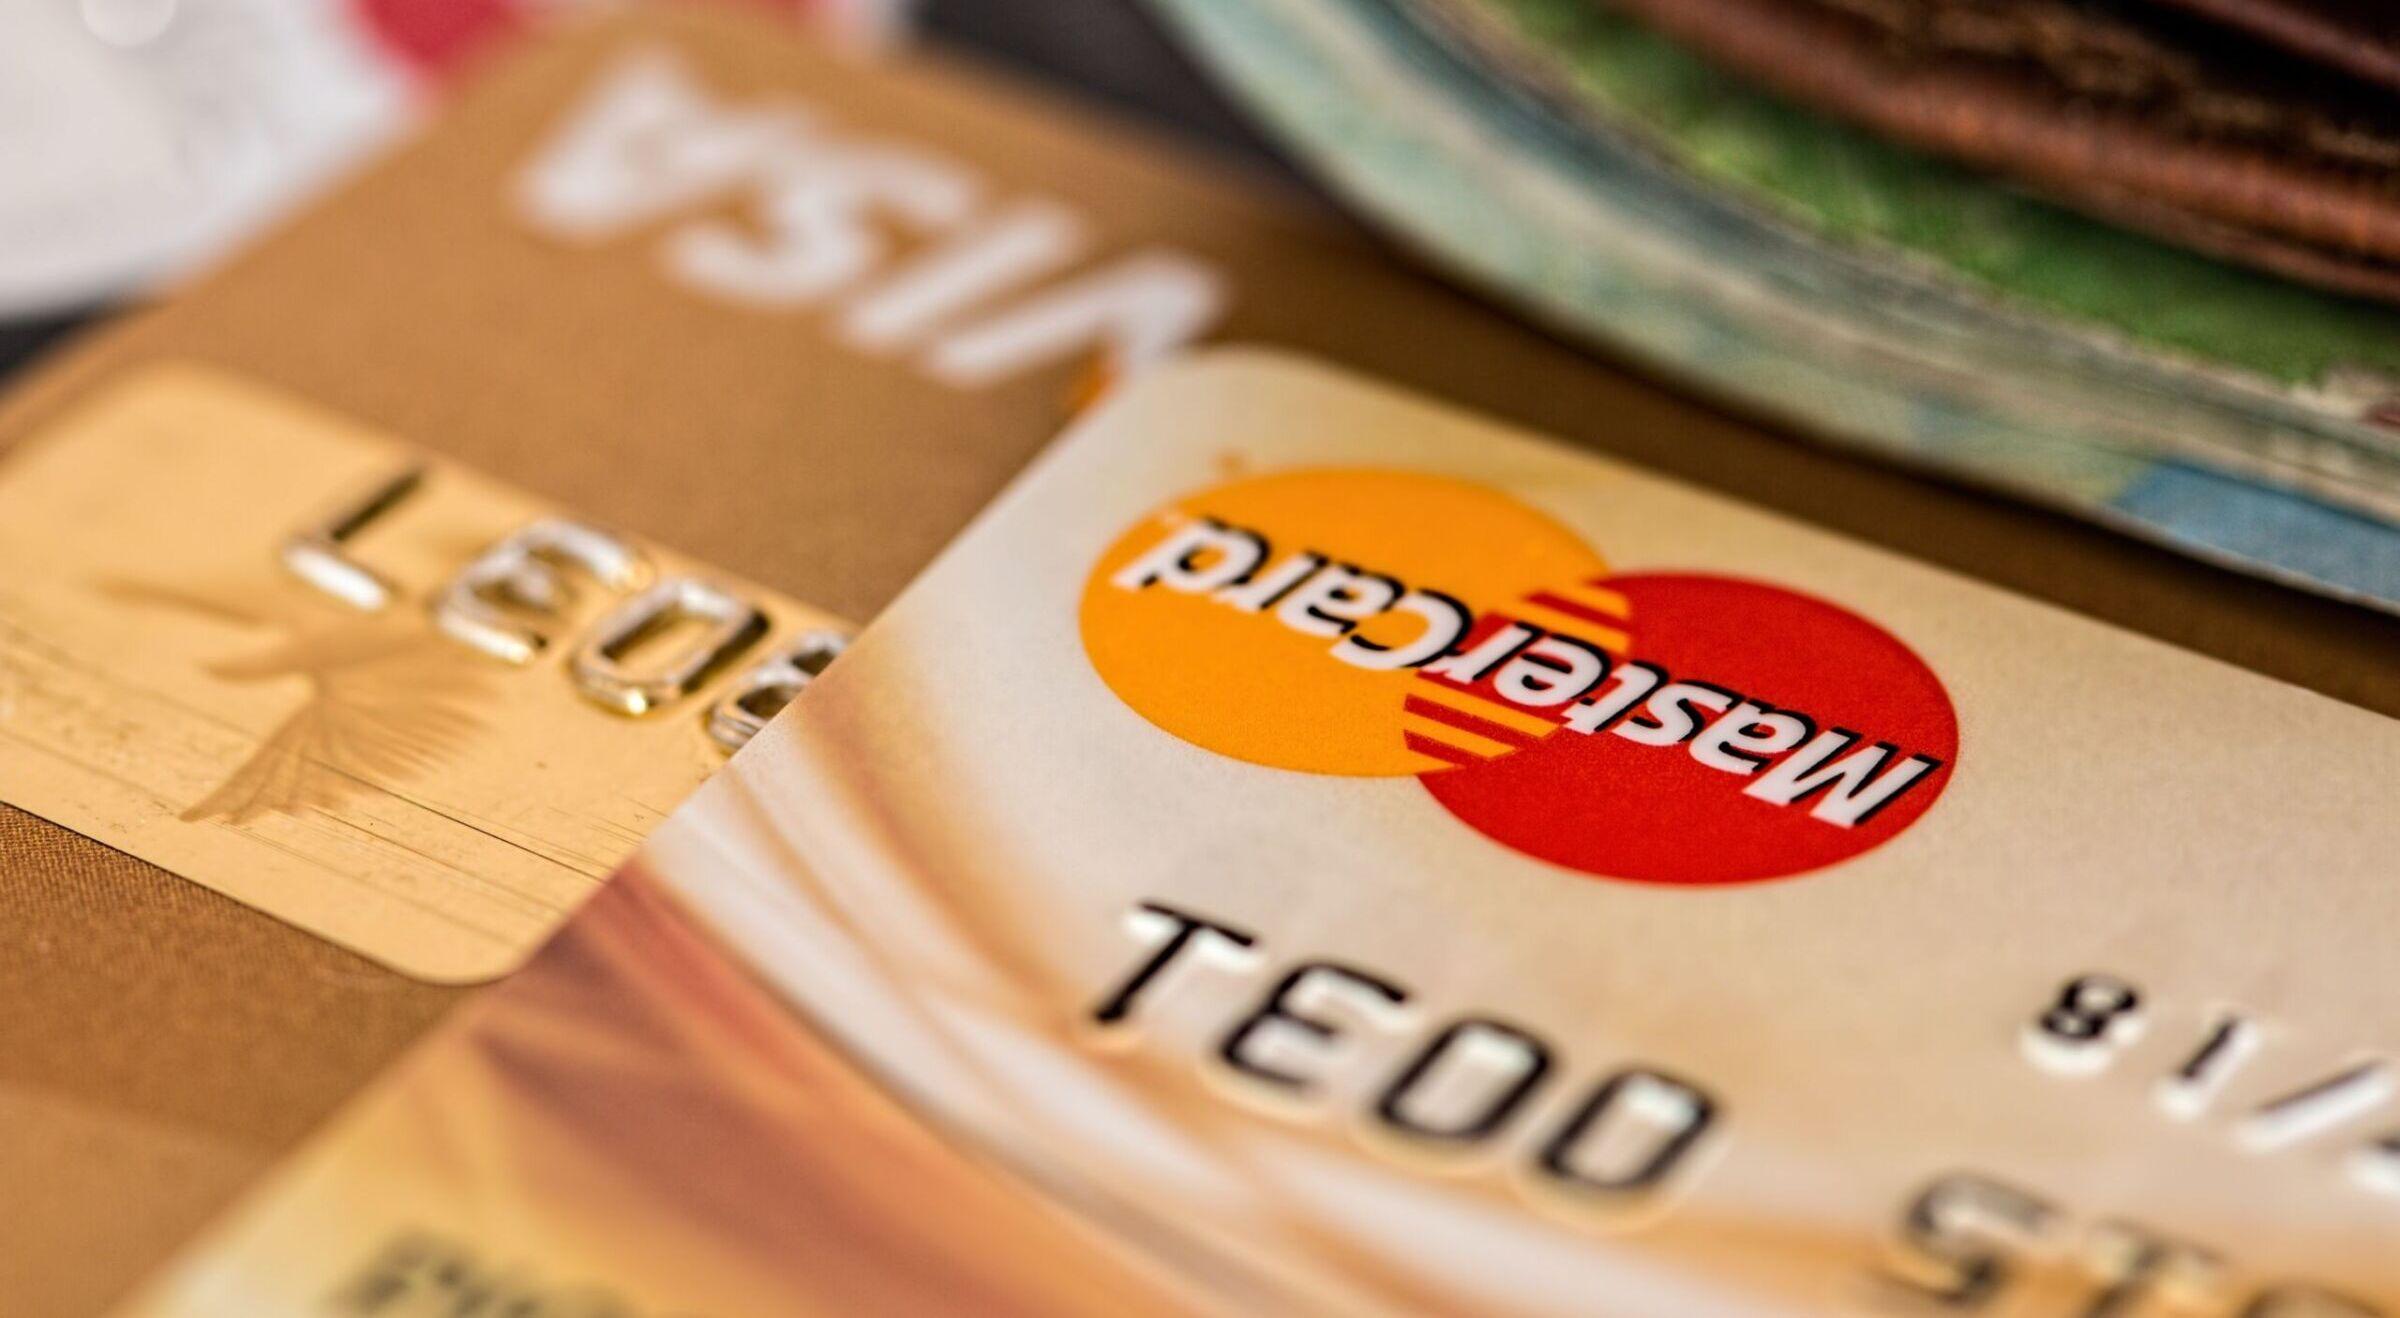 Αφορολόγητο όριο και ηλεκτρονικές συναλλαγές